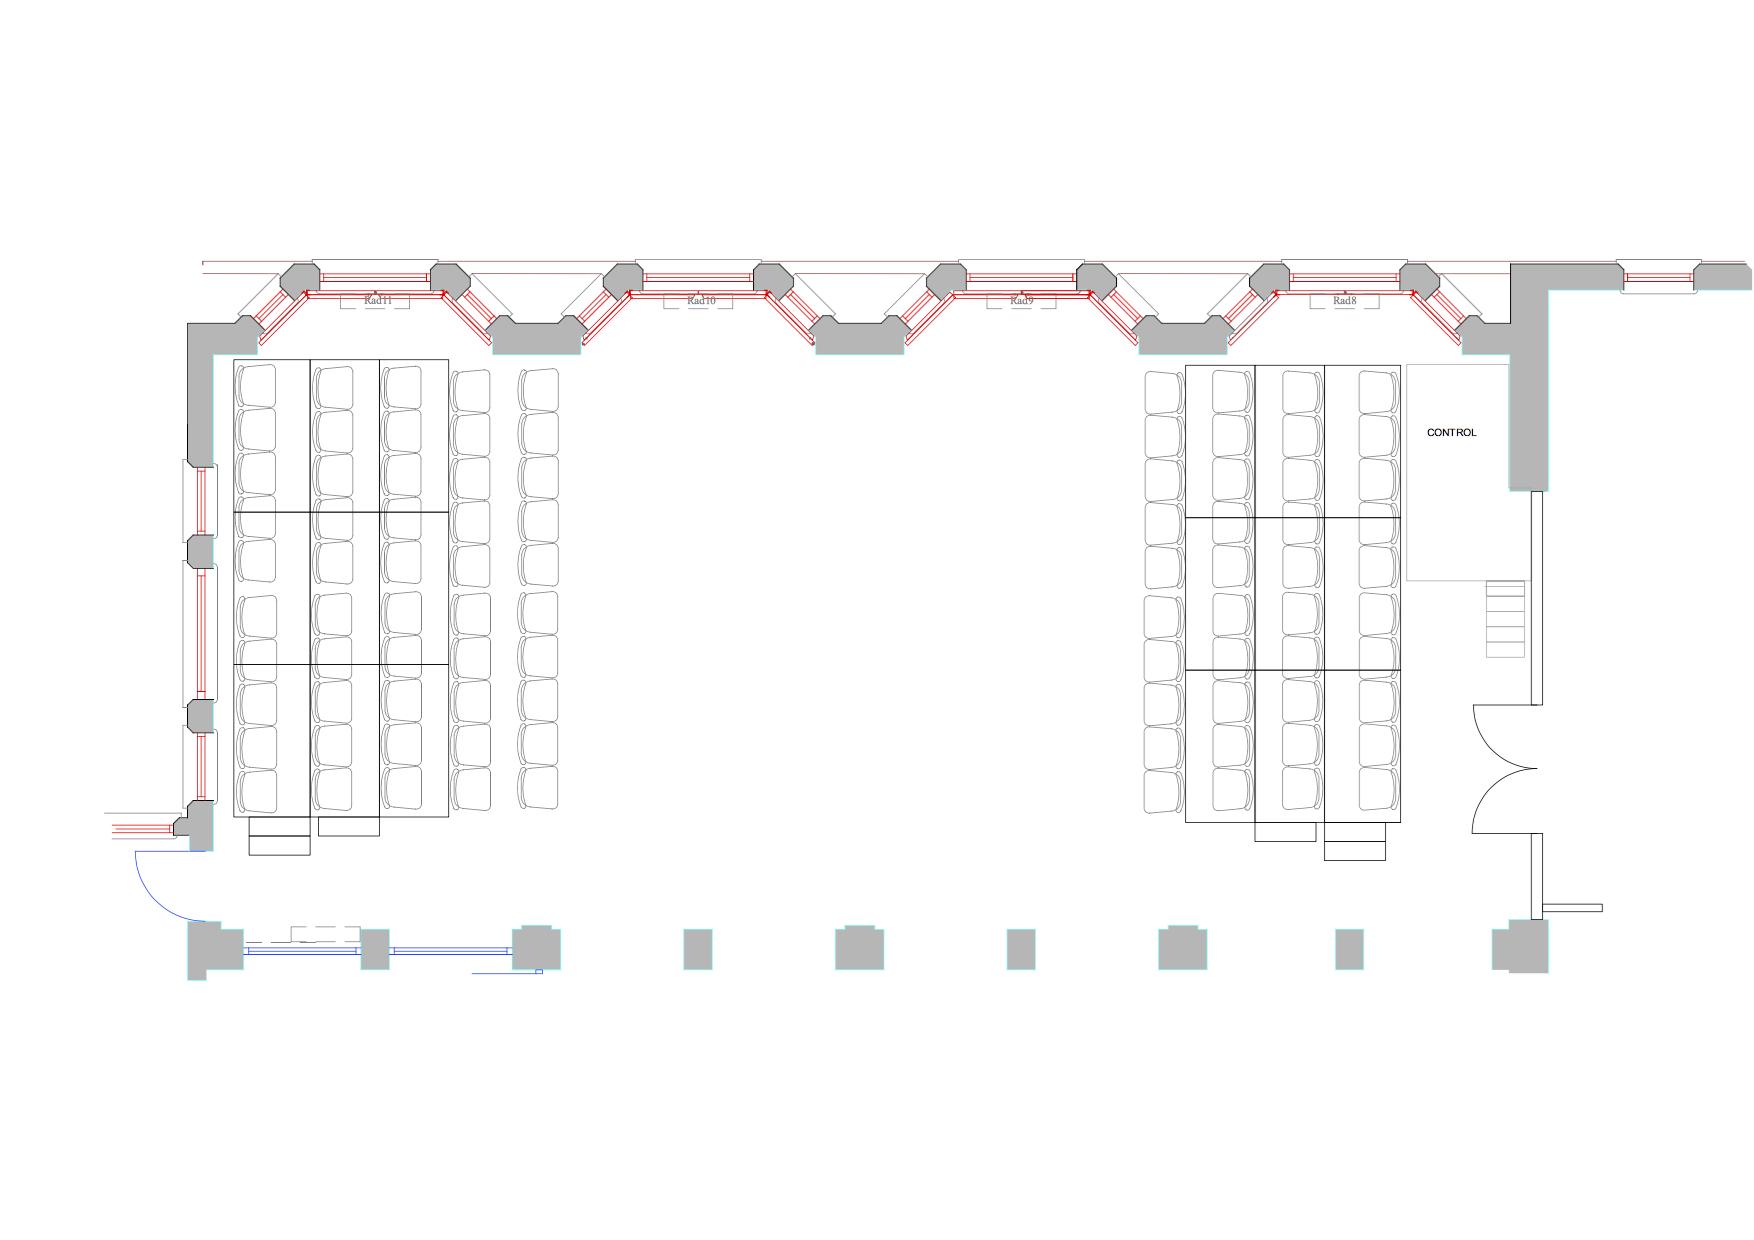 Omnibus Traverse Configuration